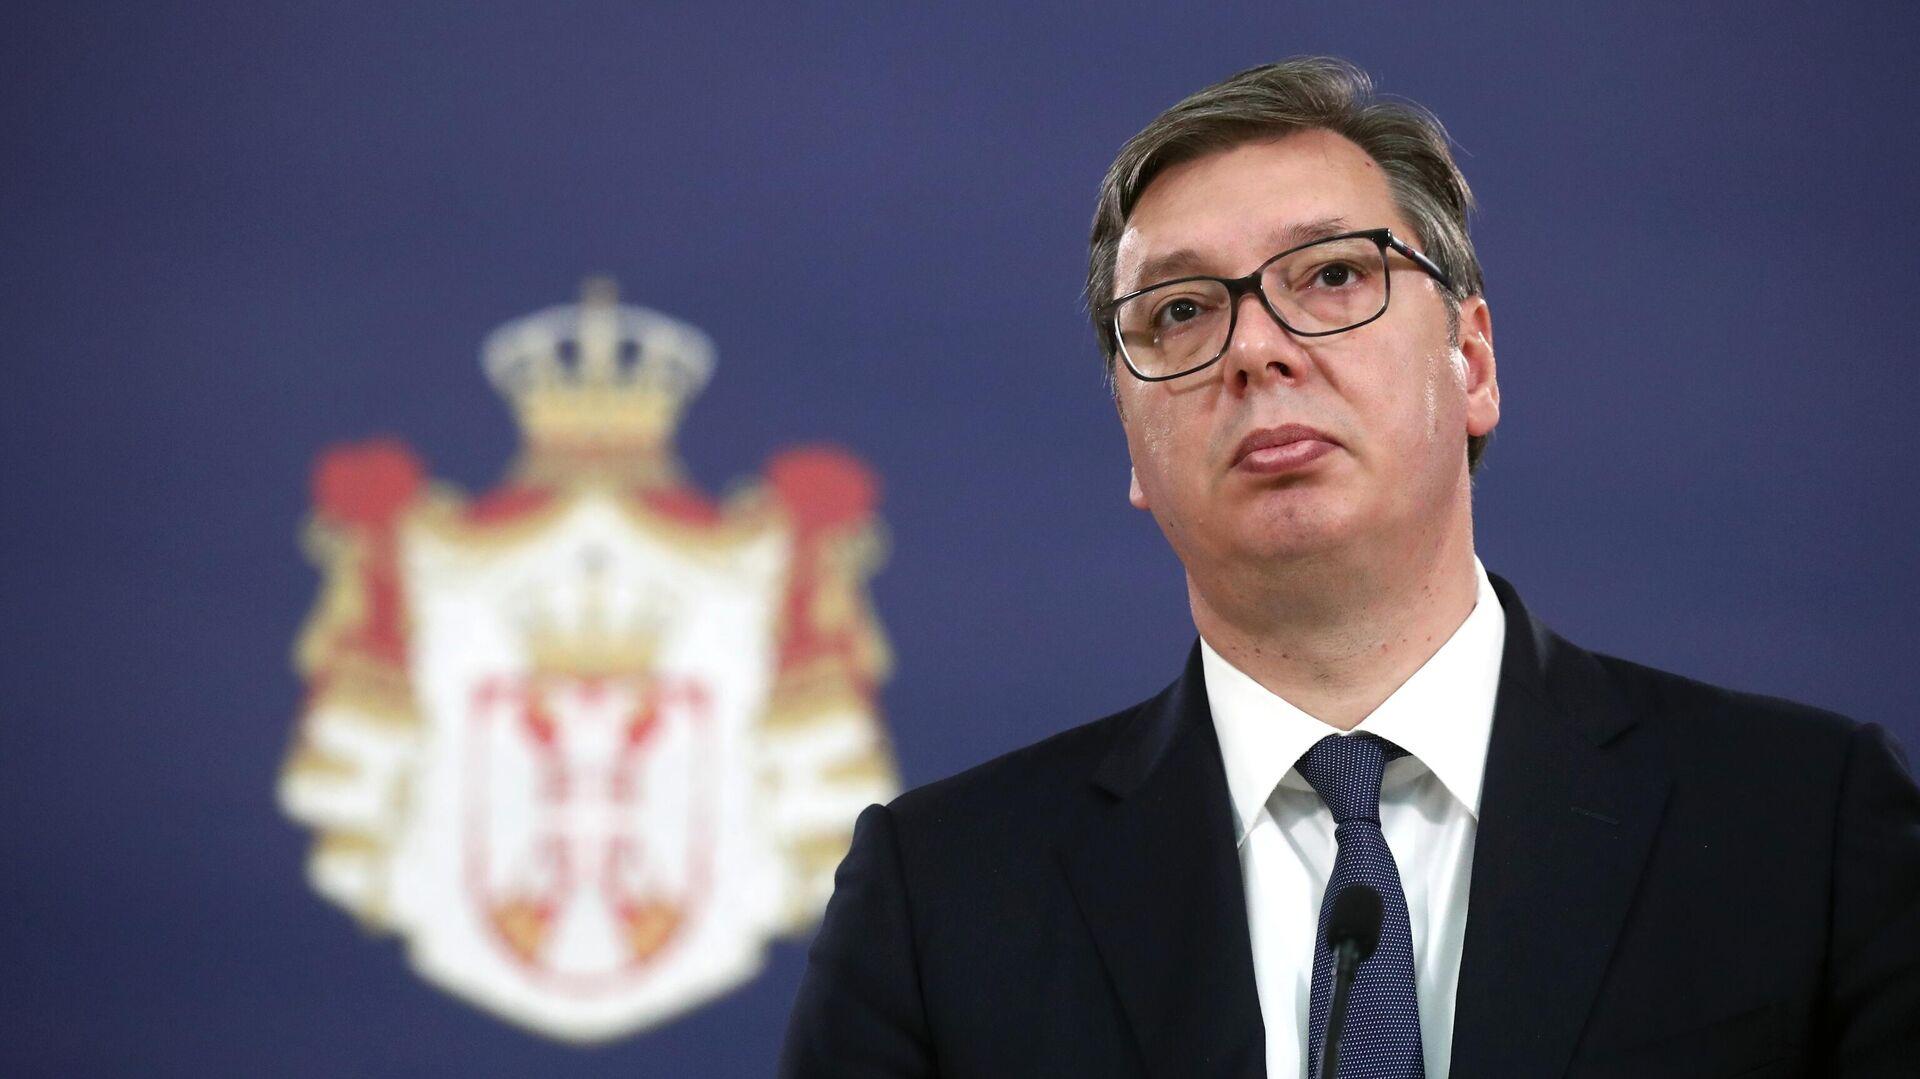 Serbiens Präsident Aleksandar Vucic (Archiv) - SNA, 1920, 11.10.2021